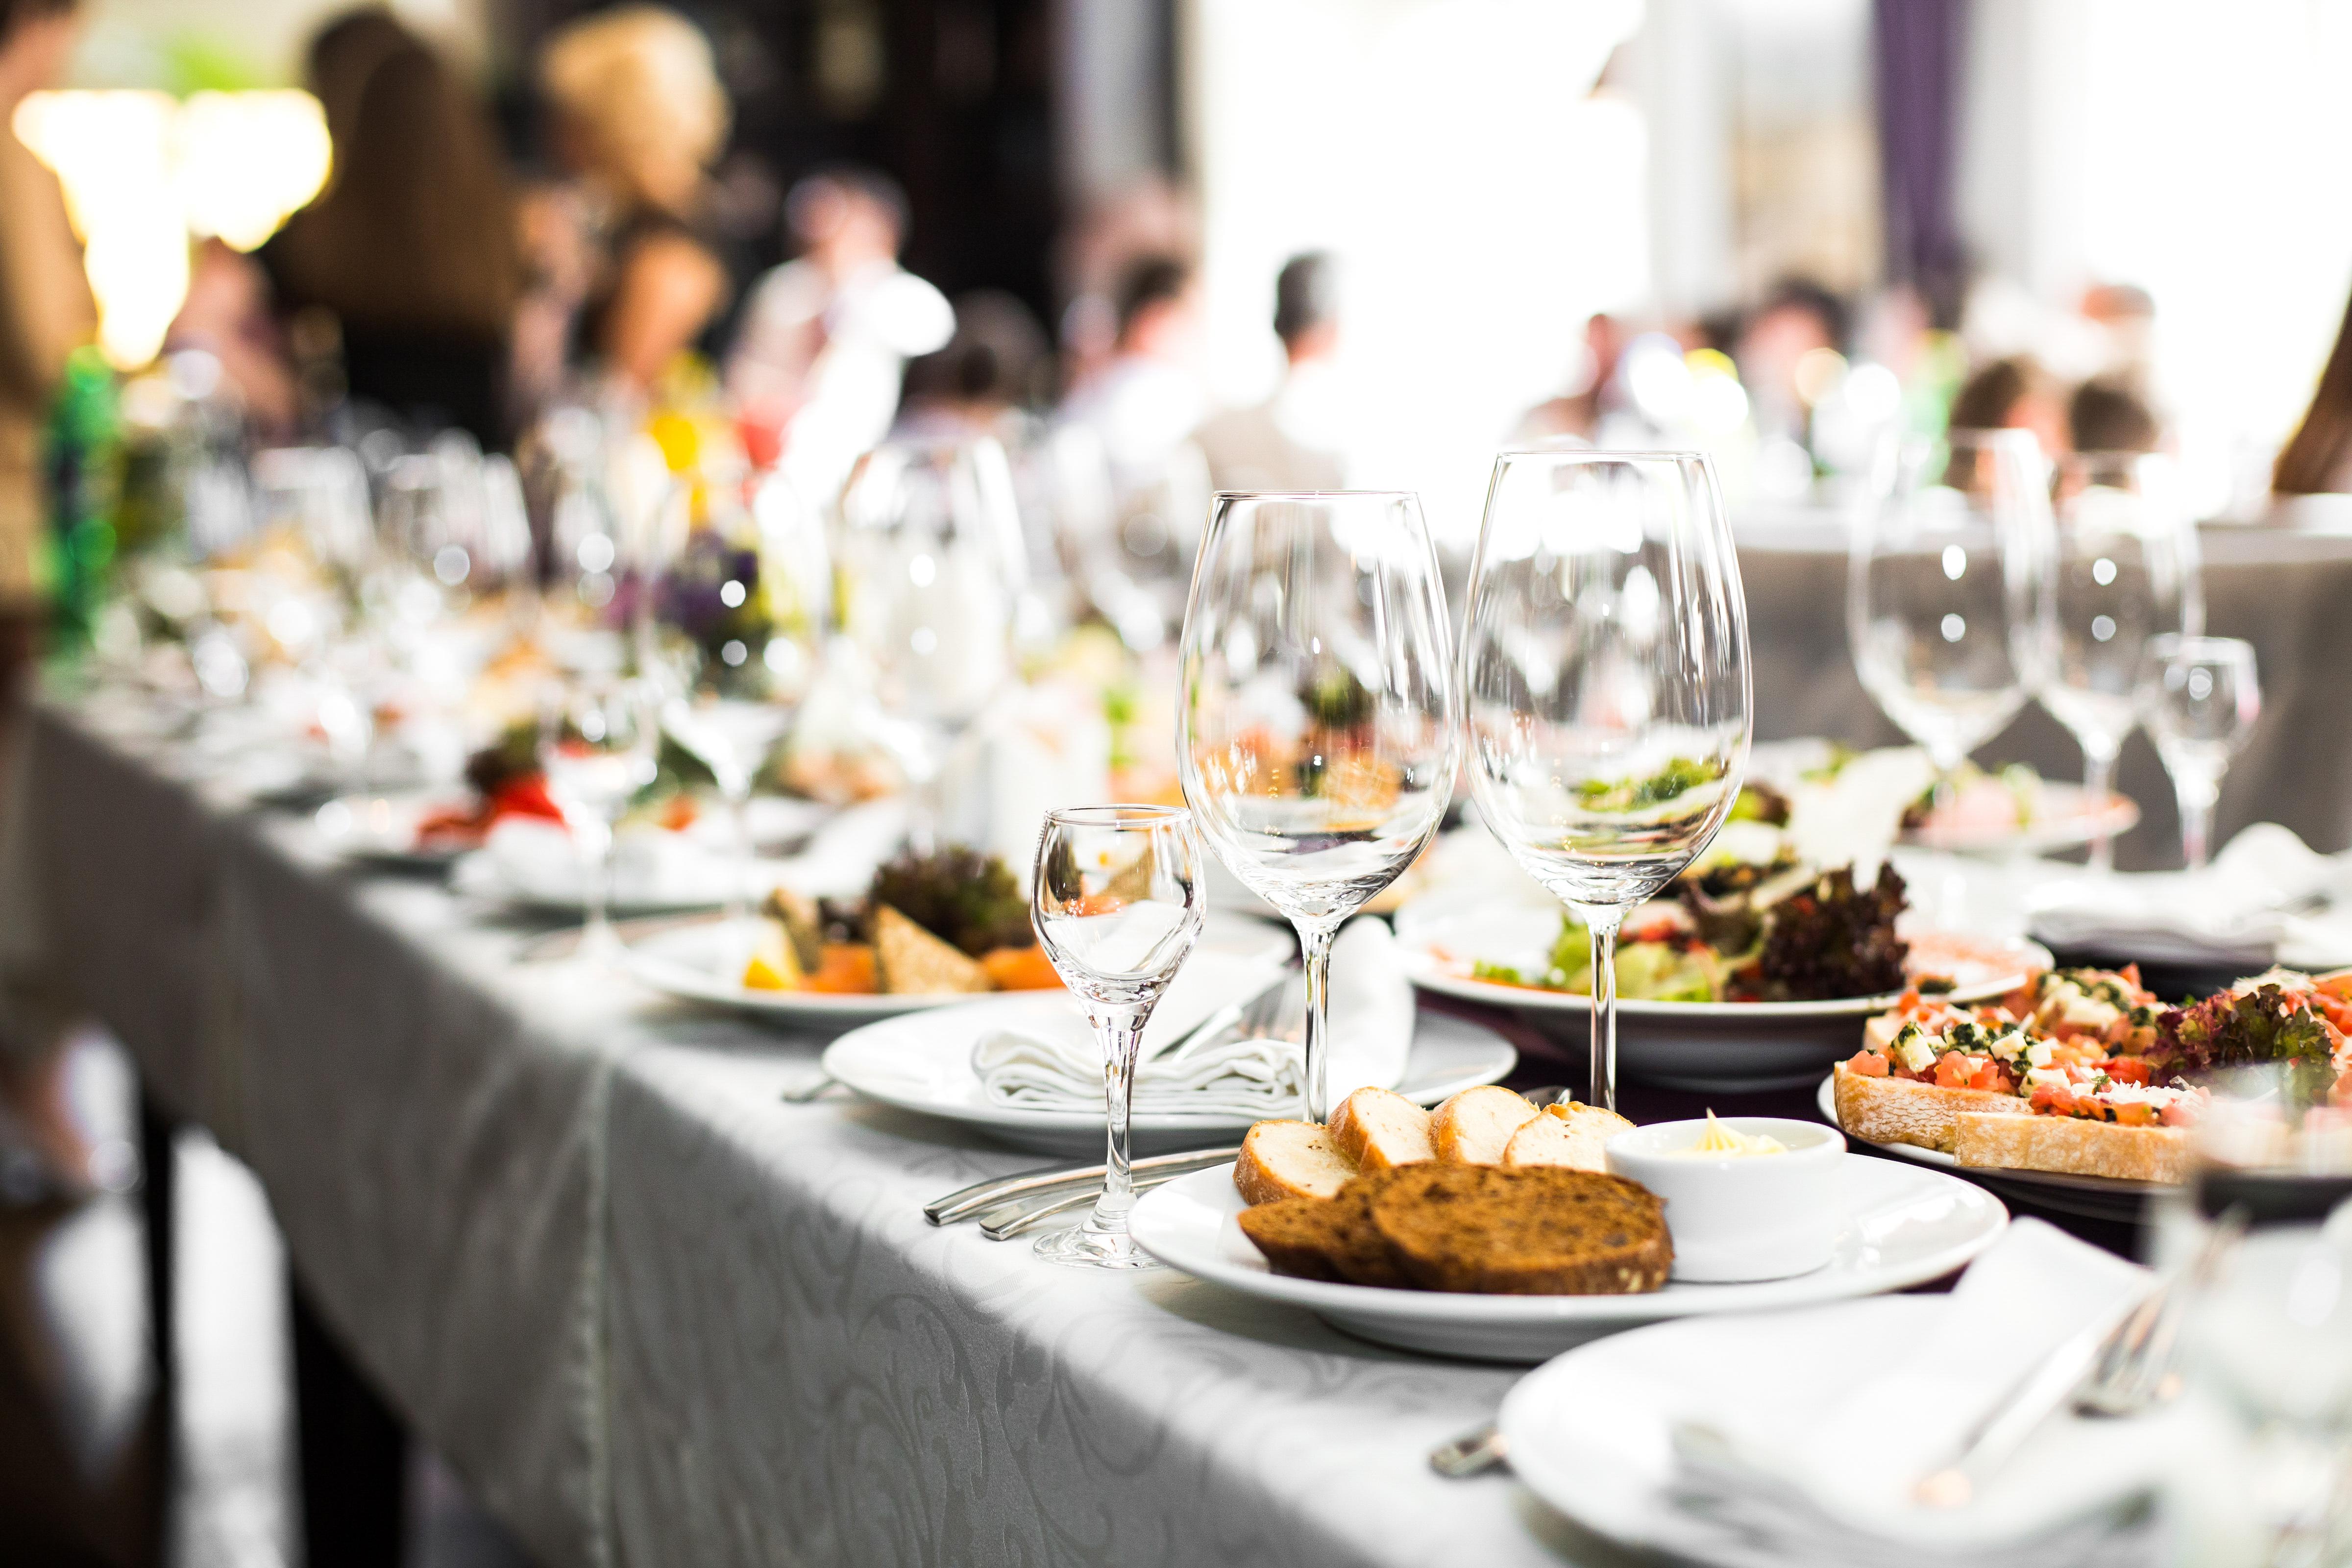 Aplikacja z menu restauracji – proste i szybkie zamawianie jedzenia